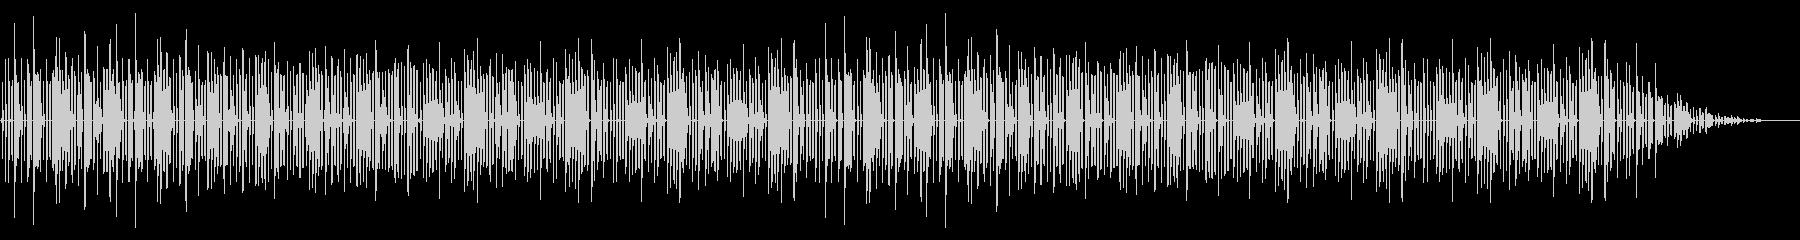 GB風スポーツ系格闘ゲームのステージ曲の未再生の波形